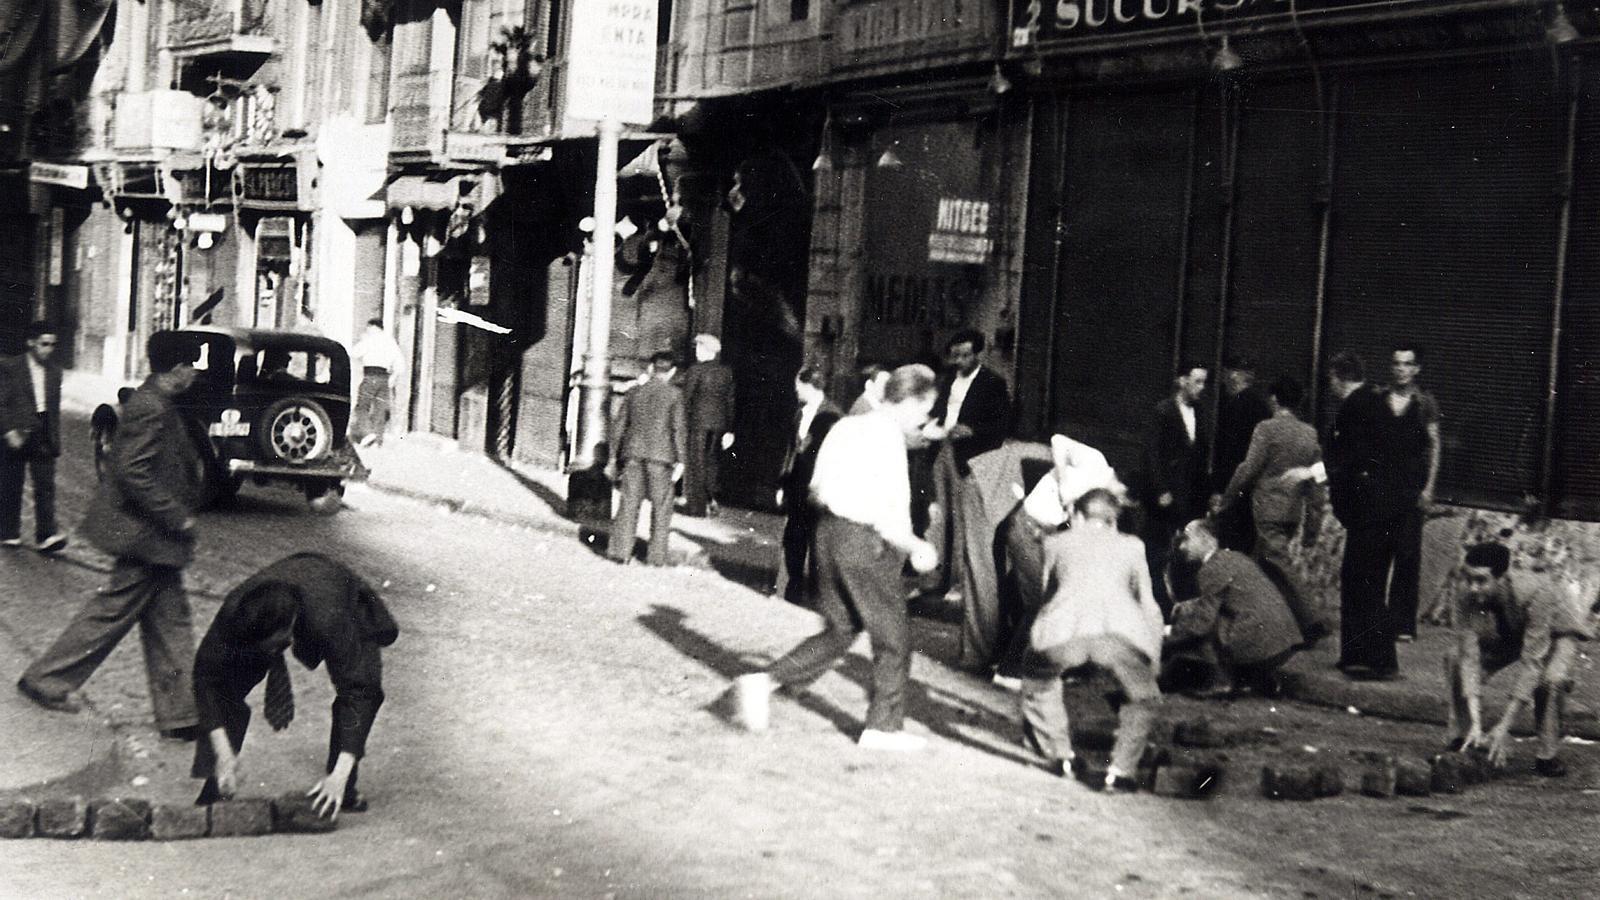 Una de les primeres barricades que es van construir a Barcelona el 19 de juliol de 1936